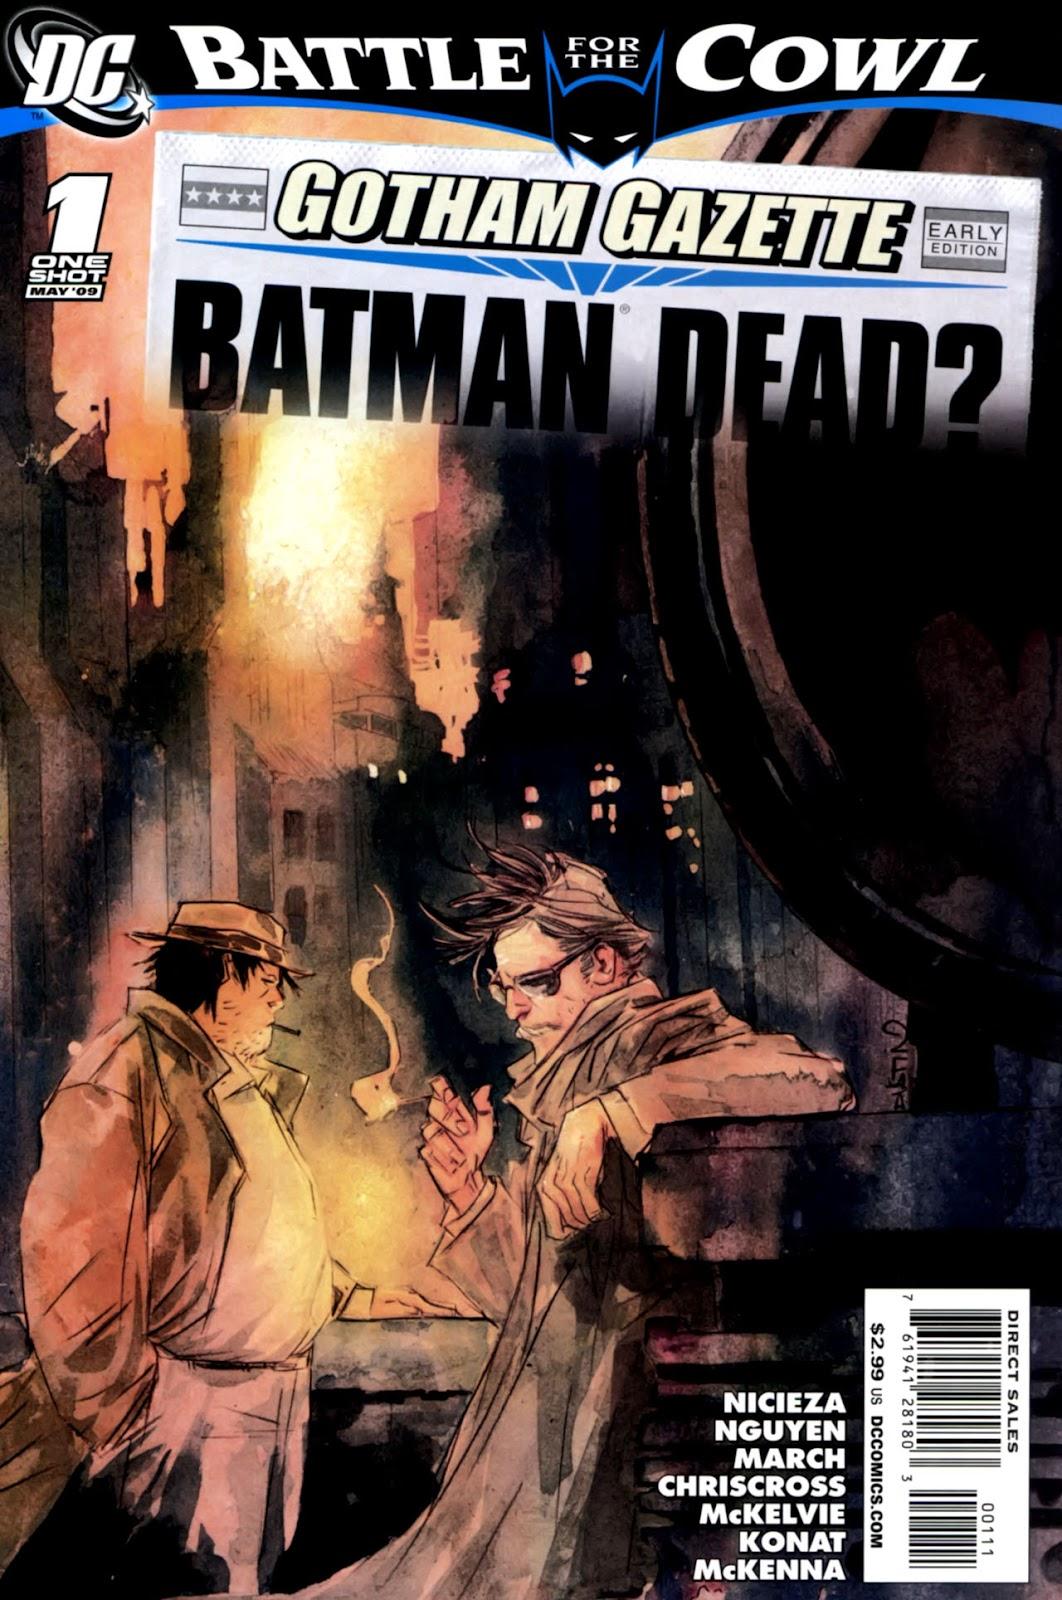 Gotham Gazette issue Issue Batman Dead - Page 1